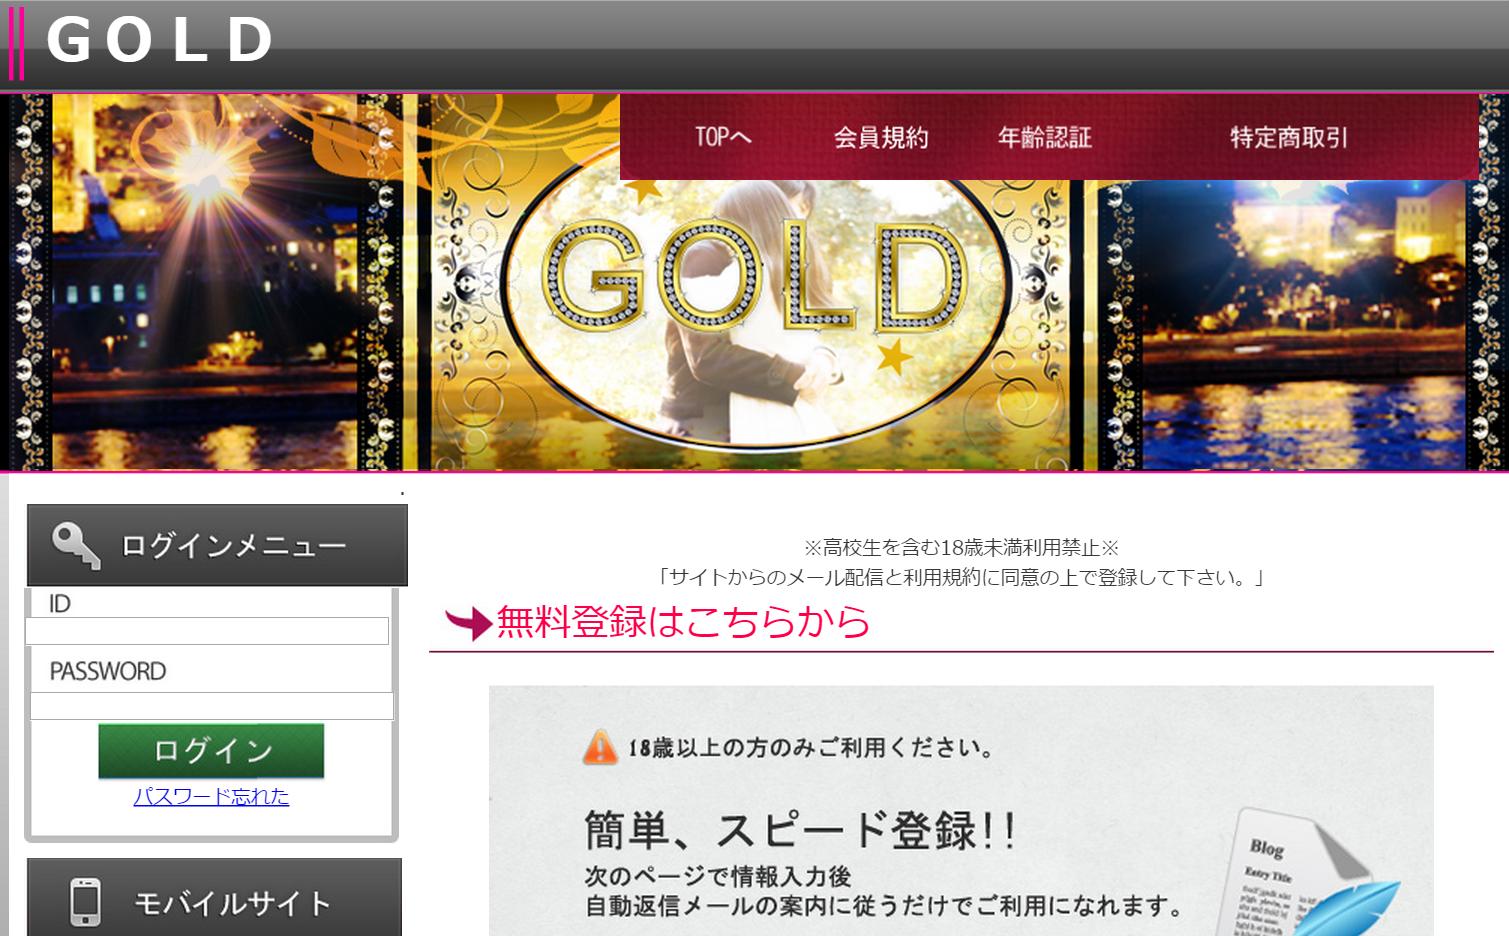 GOLD PCサイト